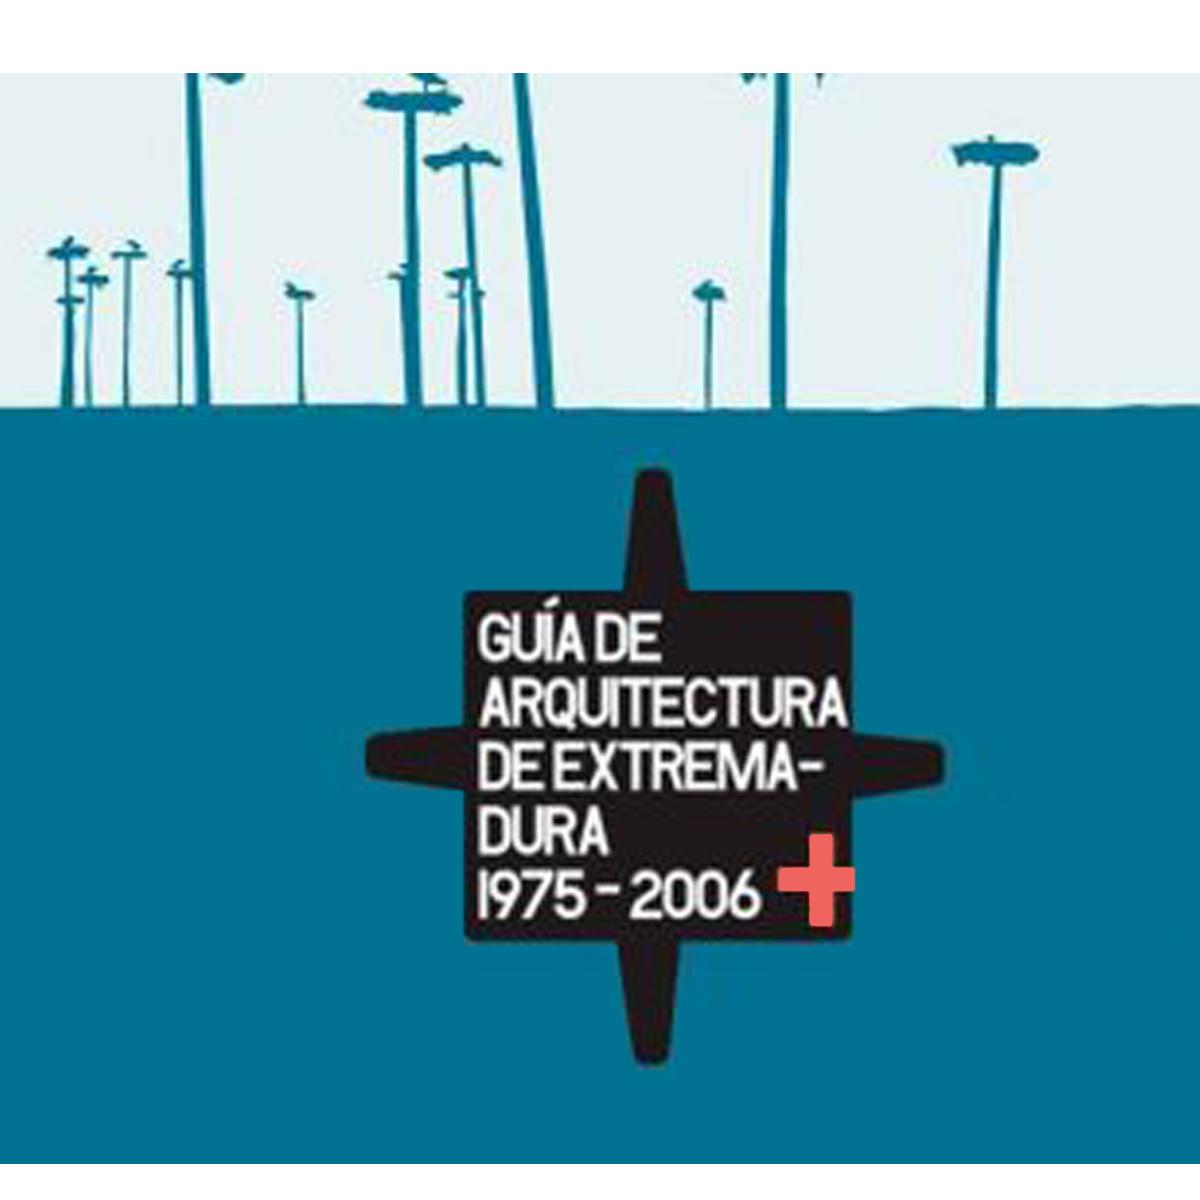 Guía de arquitectura de Extremadura, 1975-2006